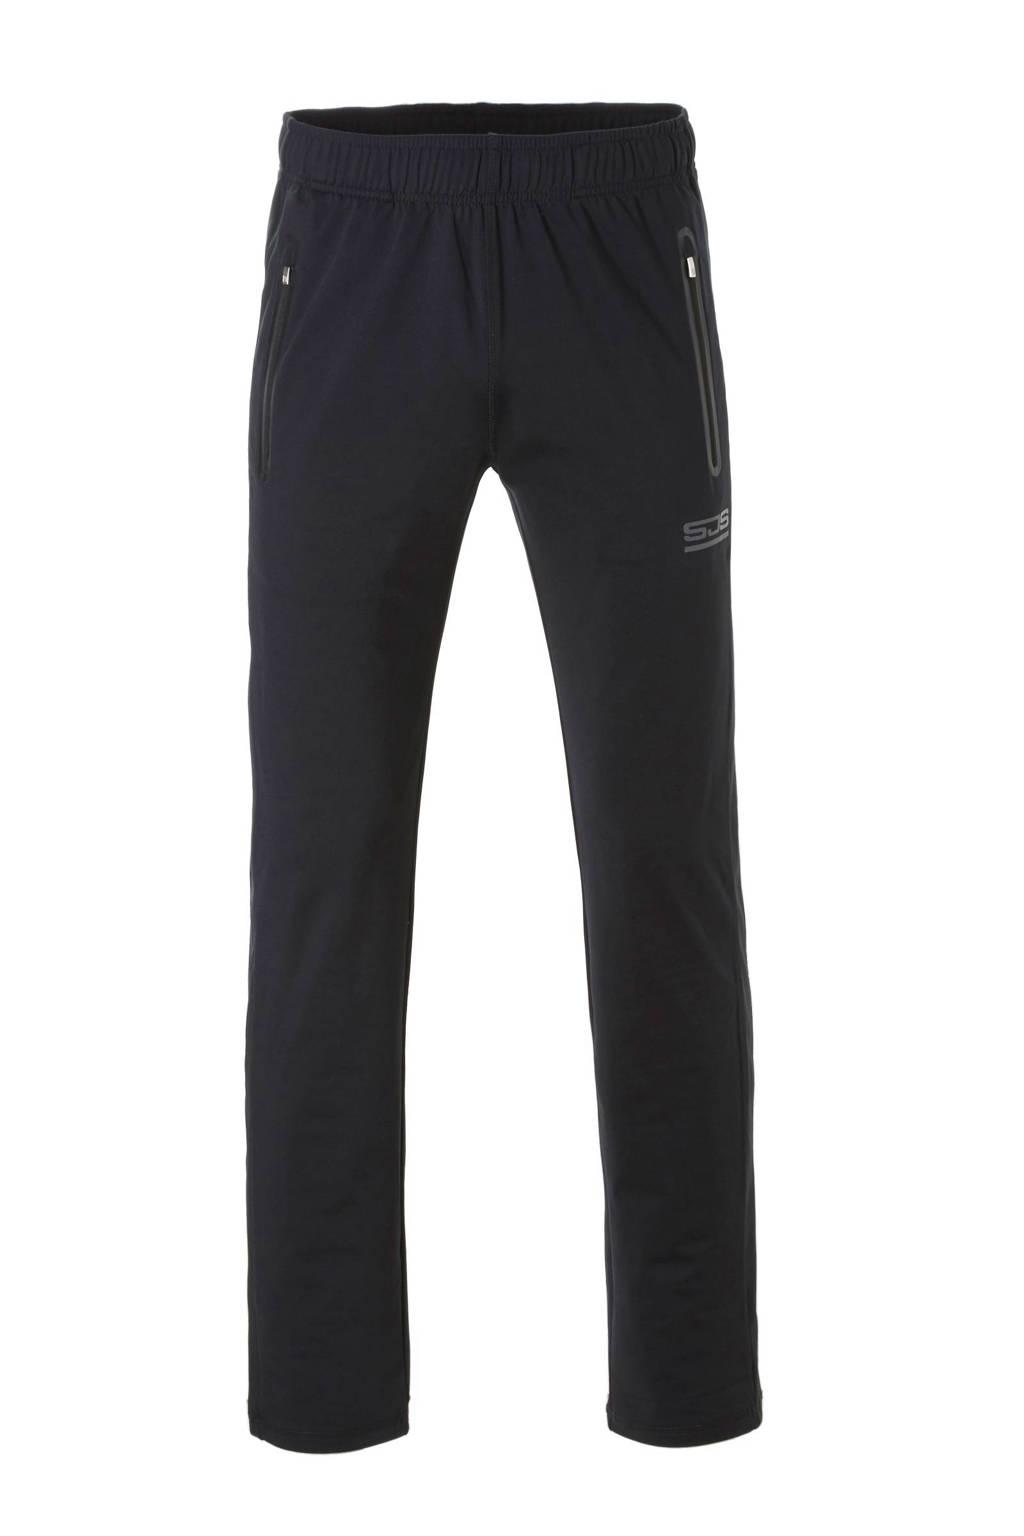 Sjeng Sports   broek Matt zwart, Zwart